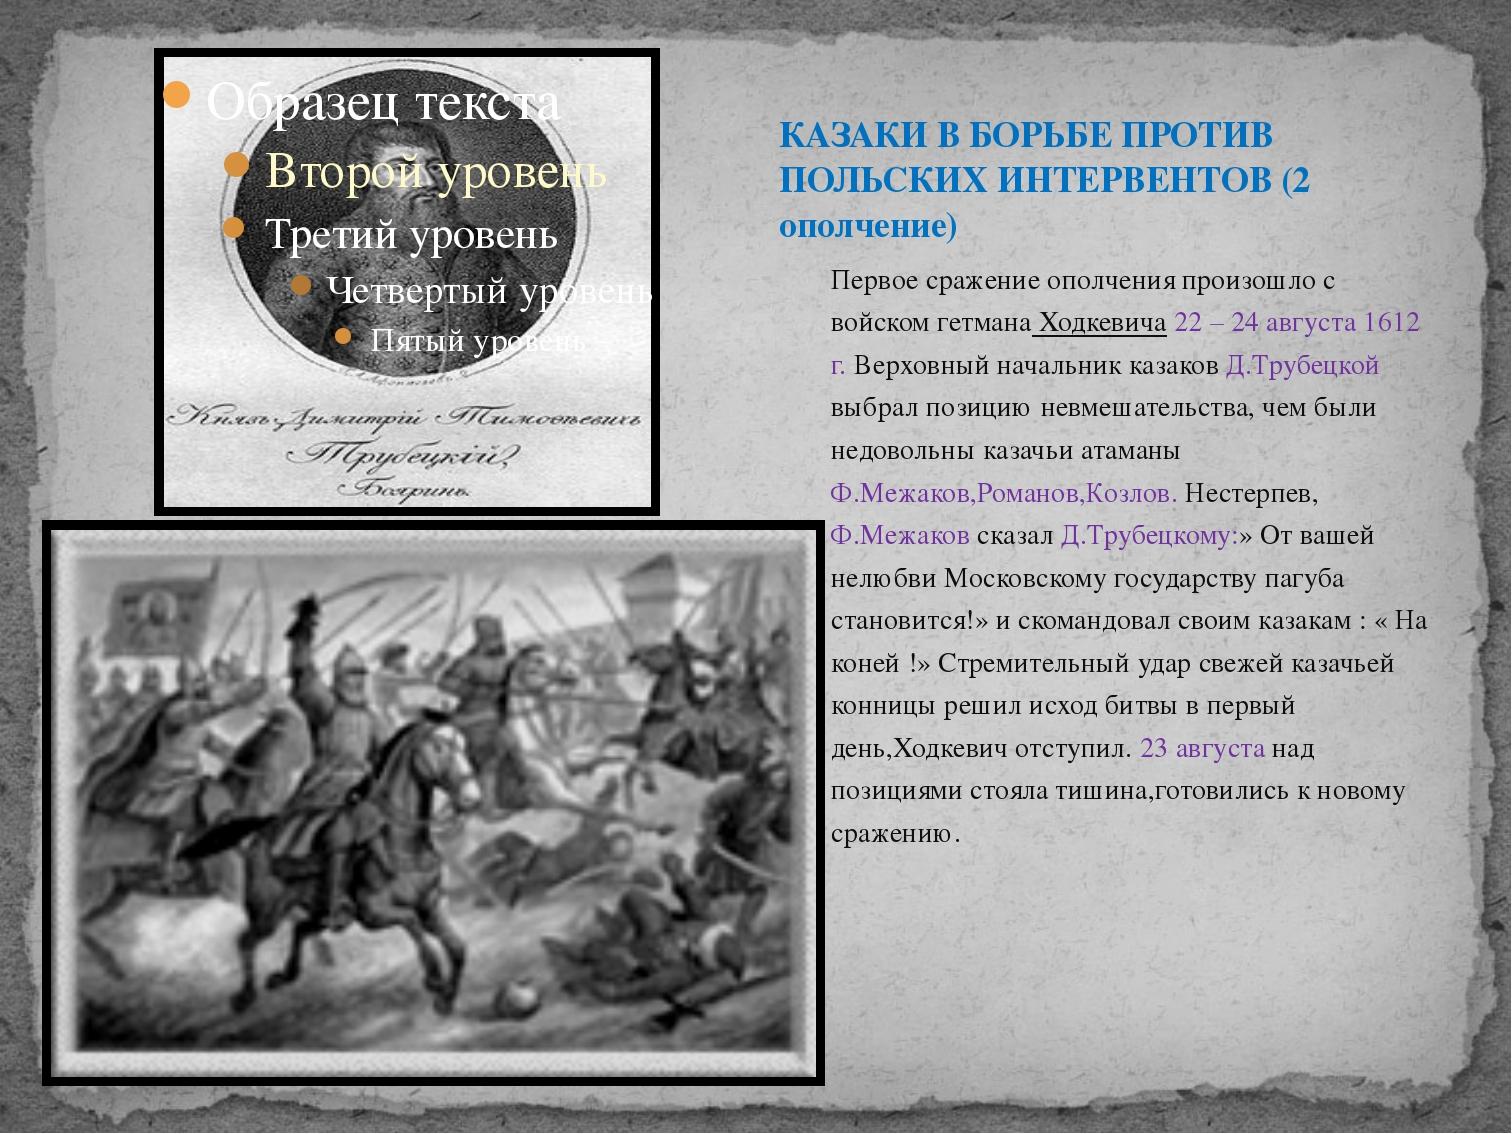 Первое сражение ополчения произошло с войском гетмана Ходкевича 22 – 24 авгус...